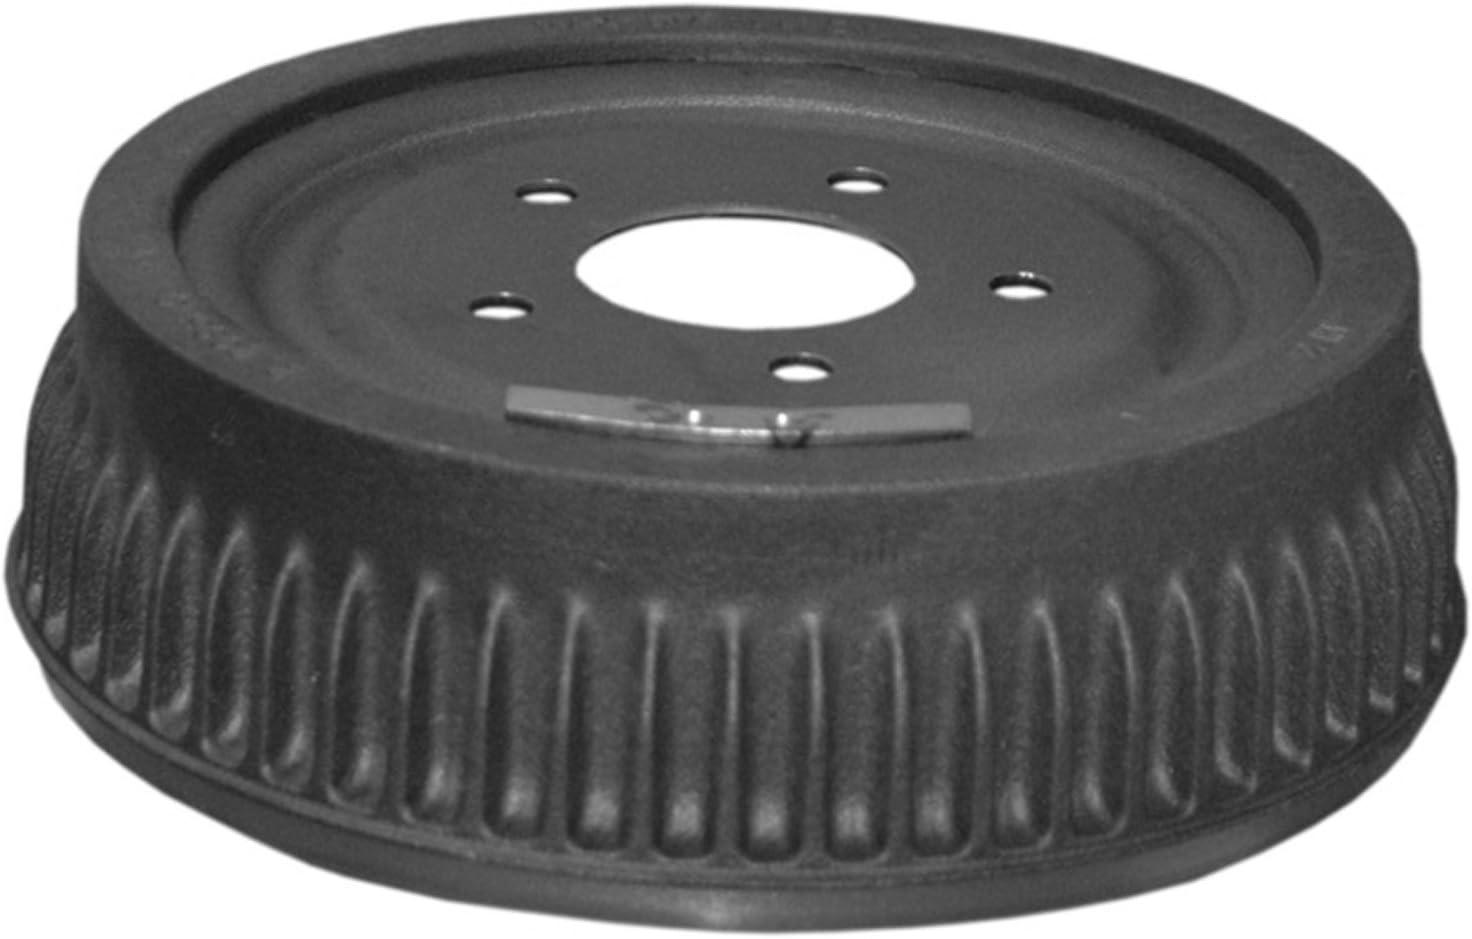 ACDelco Advantage 18B276A Rear Sales free Drum Brake